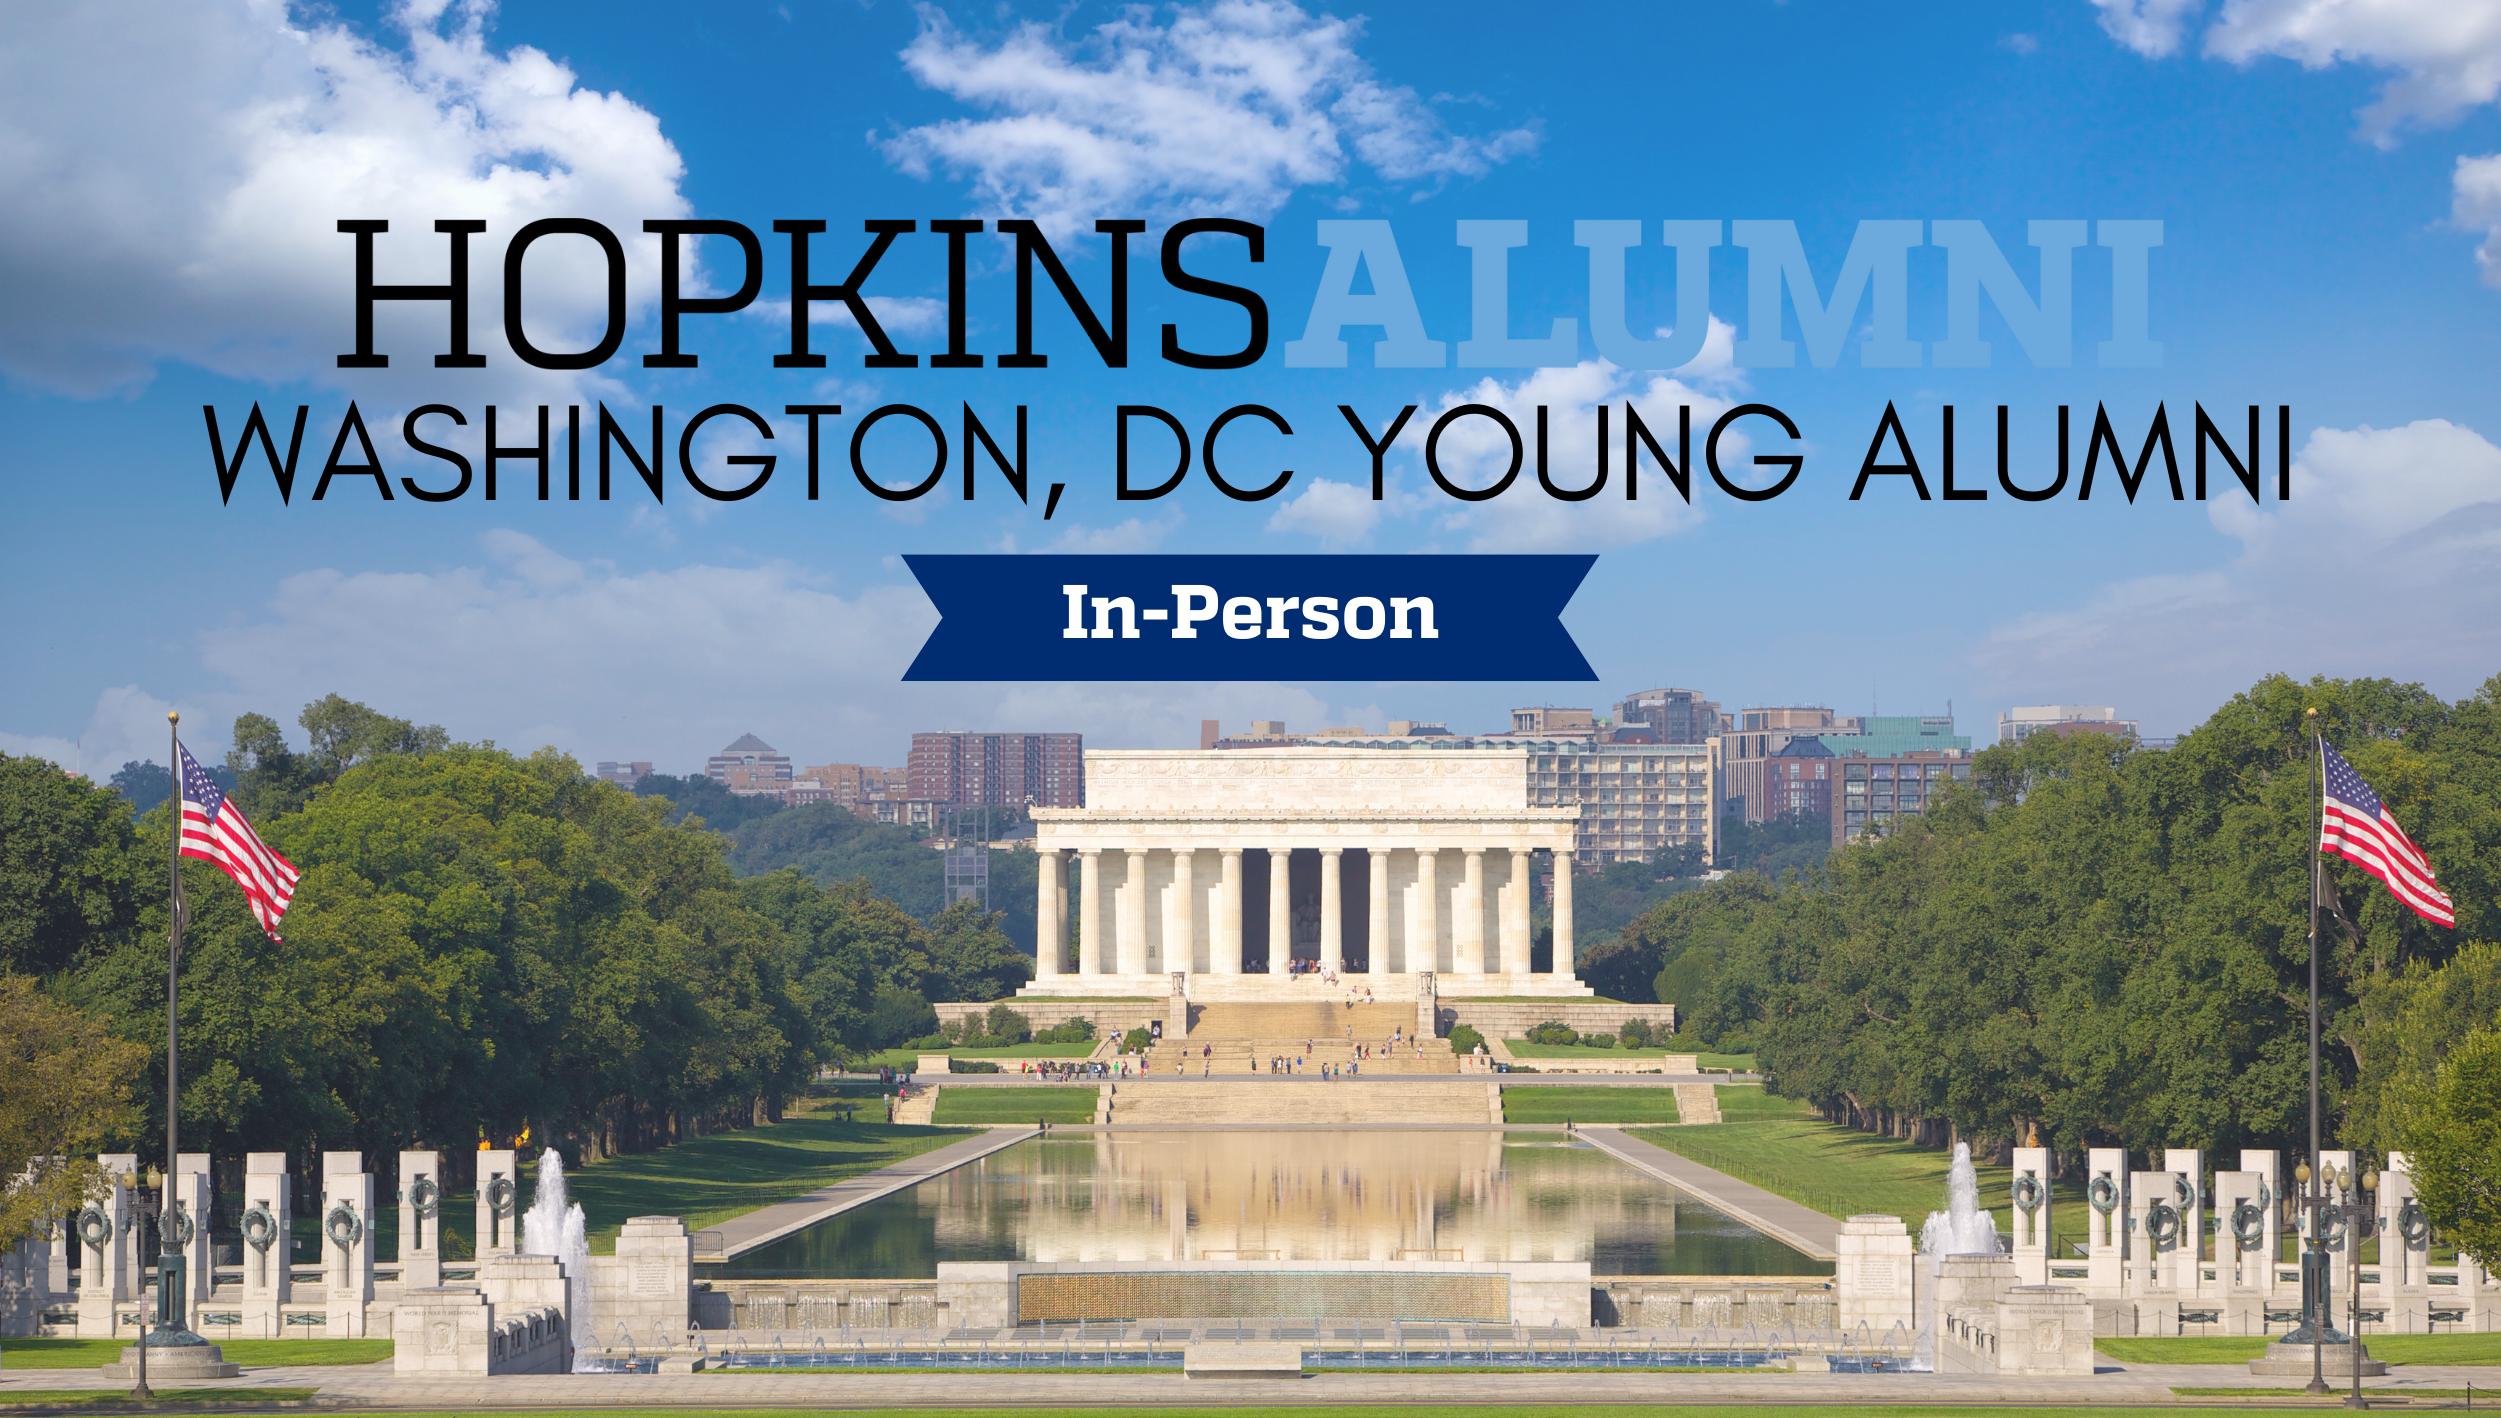 DC Lincoln Memorial, Hopkins Alumni, DC Young Alumni, In-Person